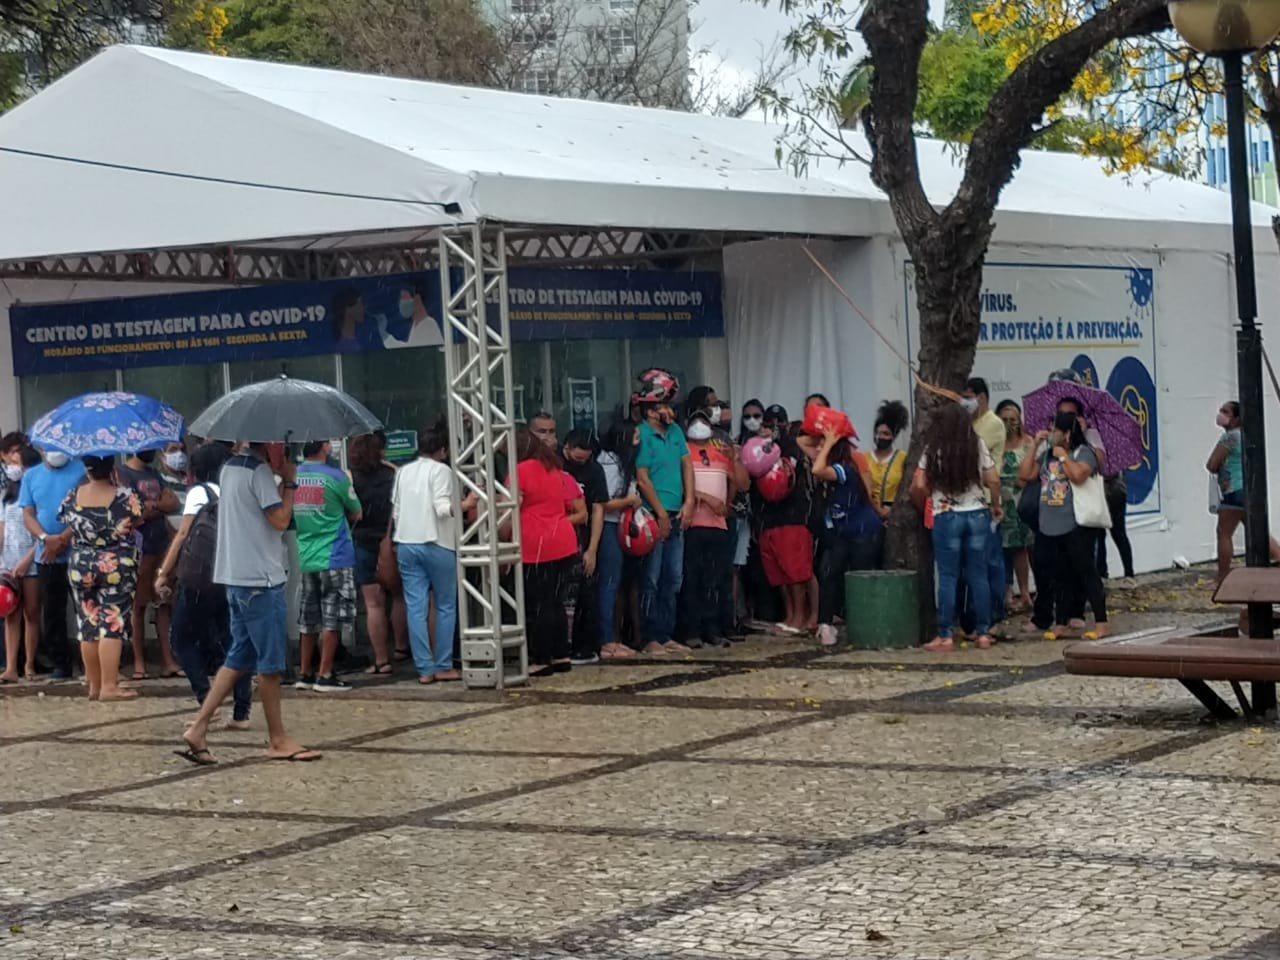 Falta de agendamento e chuva geram aglomeração no 1º dia de testagem para professores na Praça do Ferreira, em Fortaleza